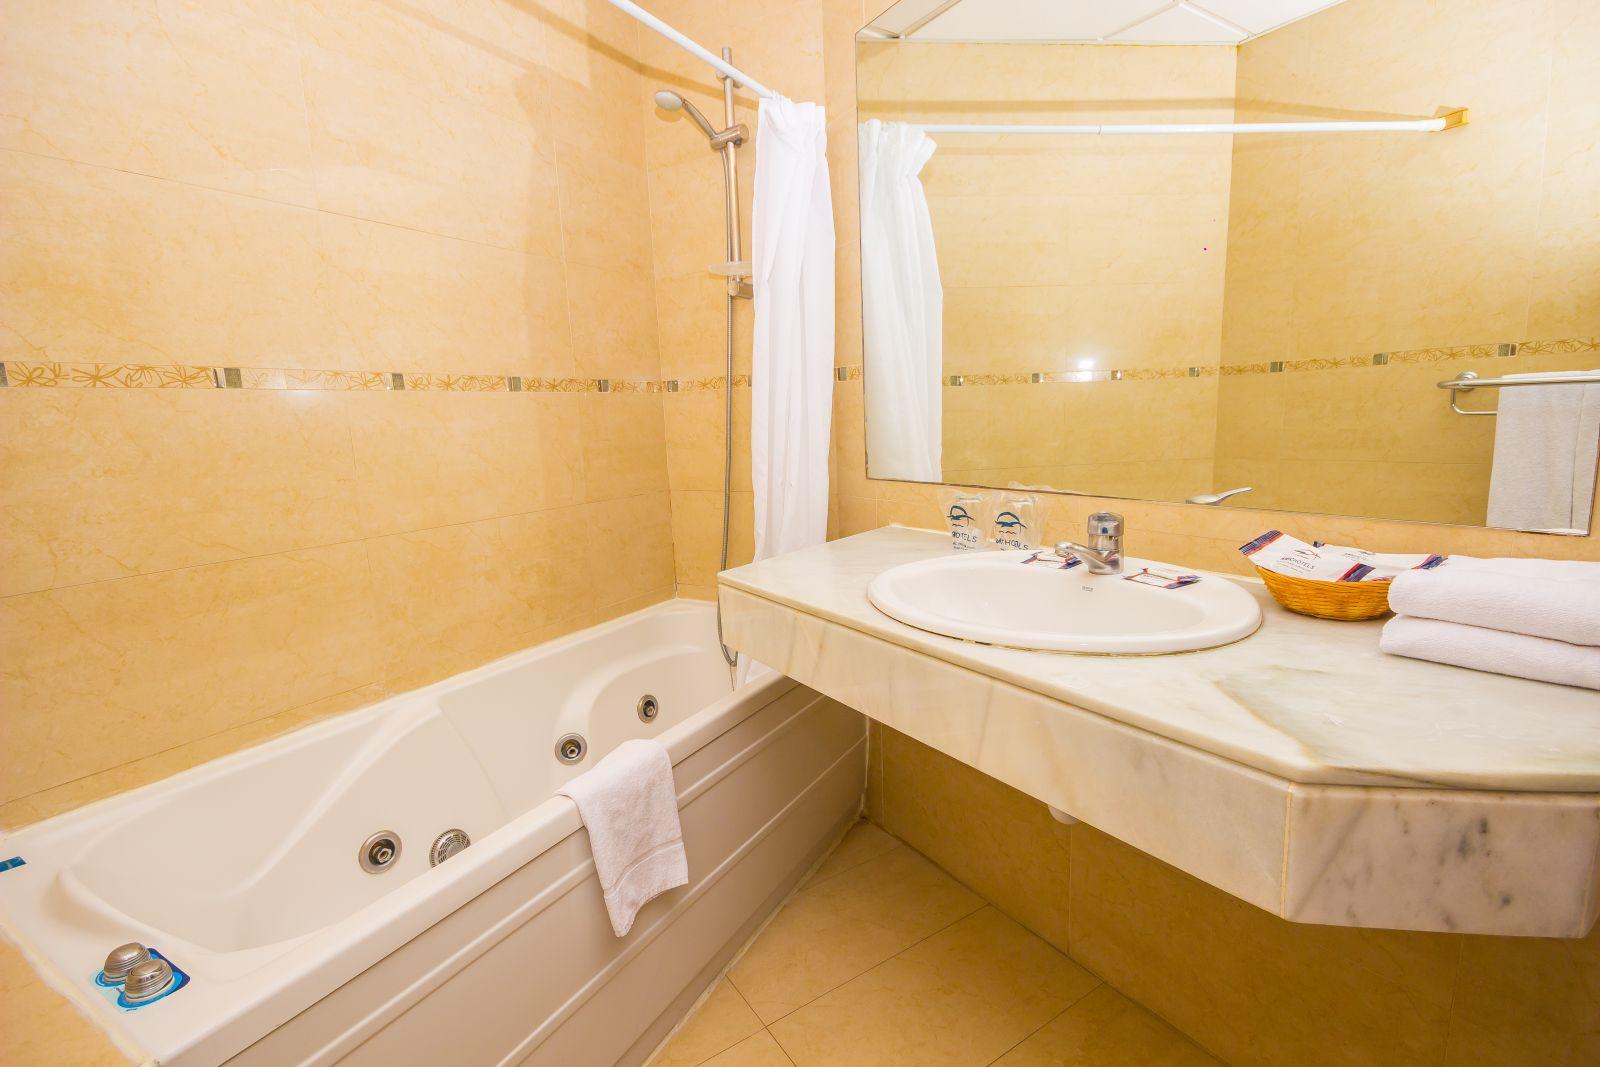 Doble del hotel Amic Horizonte. Foto 1